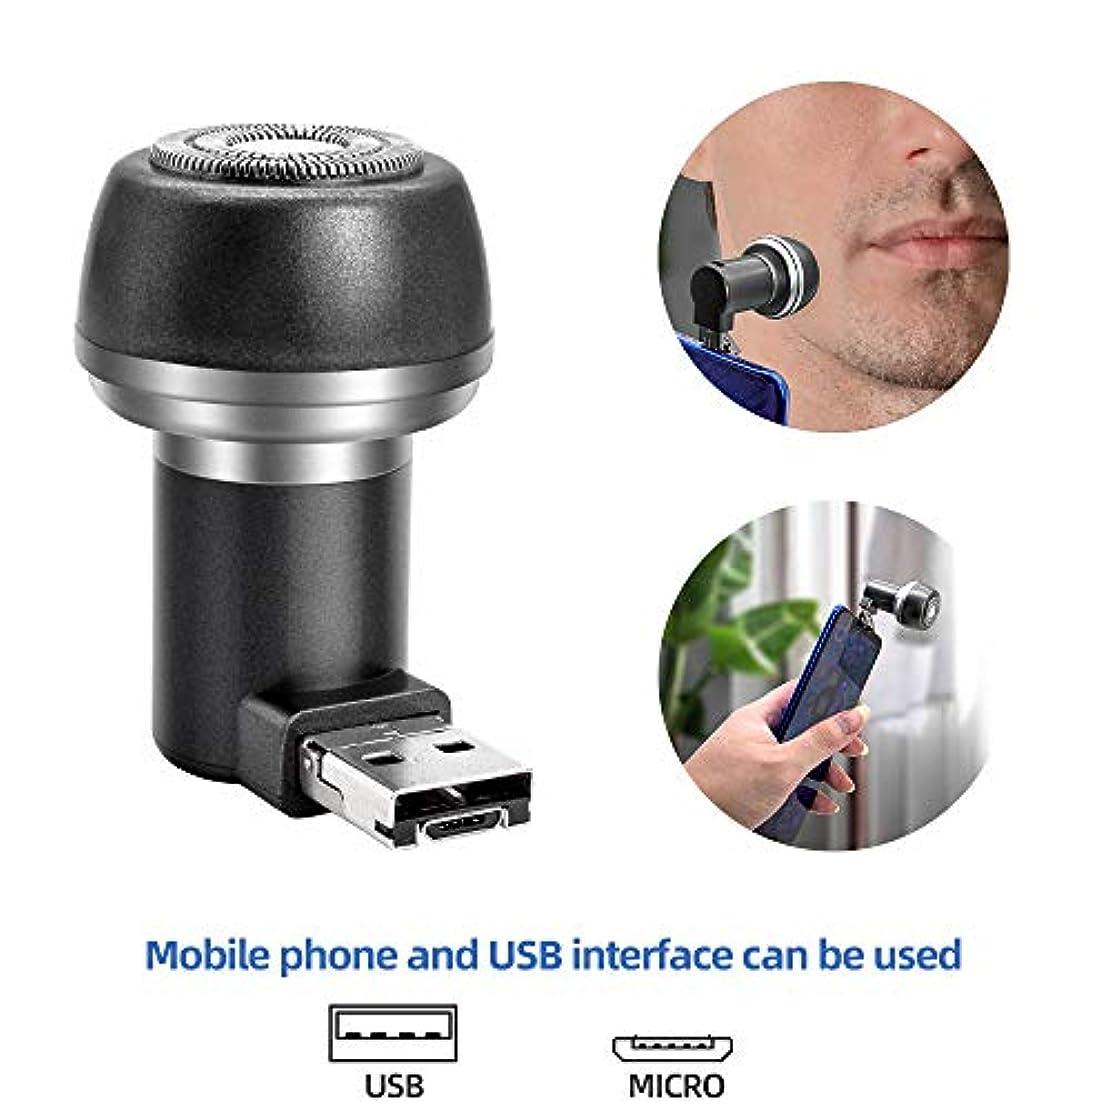 不誠実開発する恥ずかしさGreesuit シェーバー メンズ 電動髭剃り 電動シェーバー 回転式 ひげそり 携帯電話/USB充電式 ミニ 持ち運び ビジネス 旅行 海外対応 Android携帯電話式